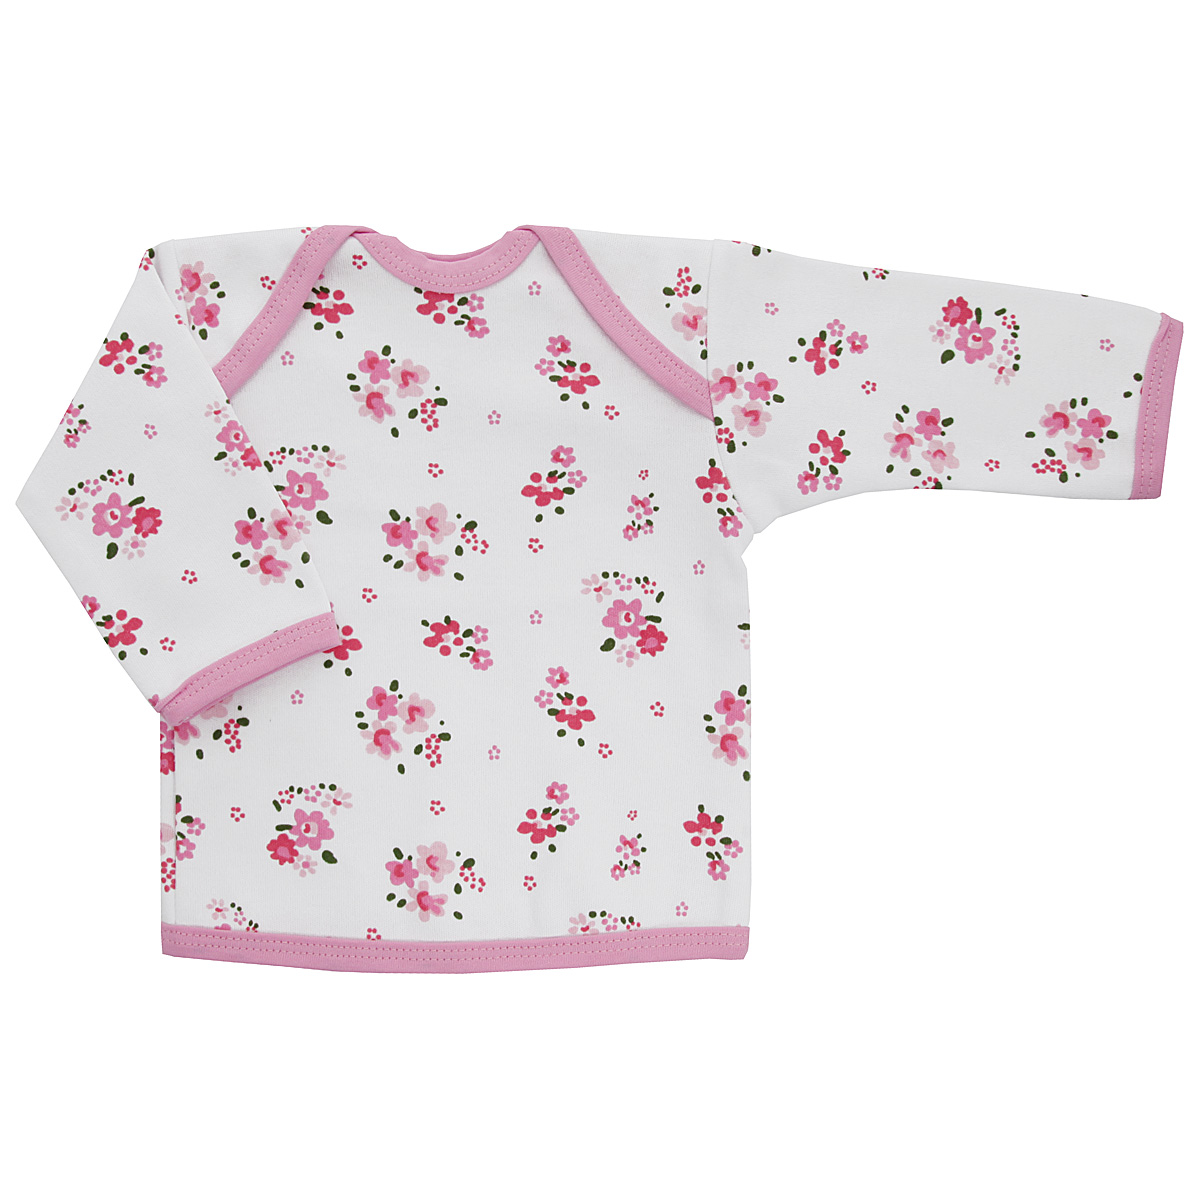 Футболка с длинным рукавом для девочки Трон-плюс, цвет: белый, розовый. 5611_цветы. Размер 86, 18 месяцев5611_цветыУдобная футболка для девочки Трон-плюс с длинными рукавами послужит идеальным дополнением к гардеробу вашей малышки, обеспечивая ей наибольший комфорт. Изготовленная из интерлока - натурального хлопка, она необычайно мягкая и легкая, не раздражает нежную кожу ребенка и хорошо вентилируется, а эластичные швы приятны телу ребенка и не препятствуют его движениям. Удобные запахи на плечах помогают легко переодеть младенца. Горловина, низ модели и низ рукавов дополнены трикотажной бейкой. Спинка модели незначительно укорочена. Оформлено изделие цветочным принтом. Футболка полностью соответствует особенностям жизни ребенка в ранний период, не стесняя и не ограничивая его в движениях.